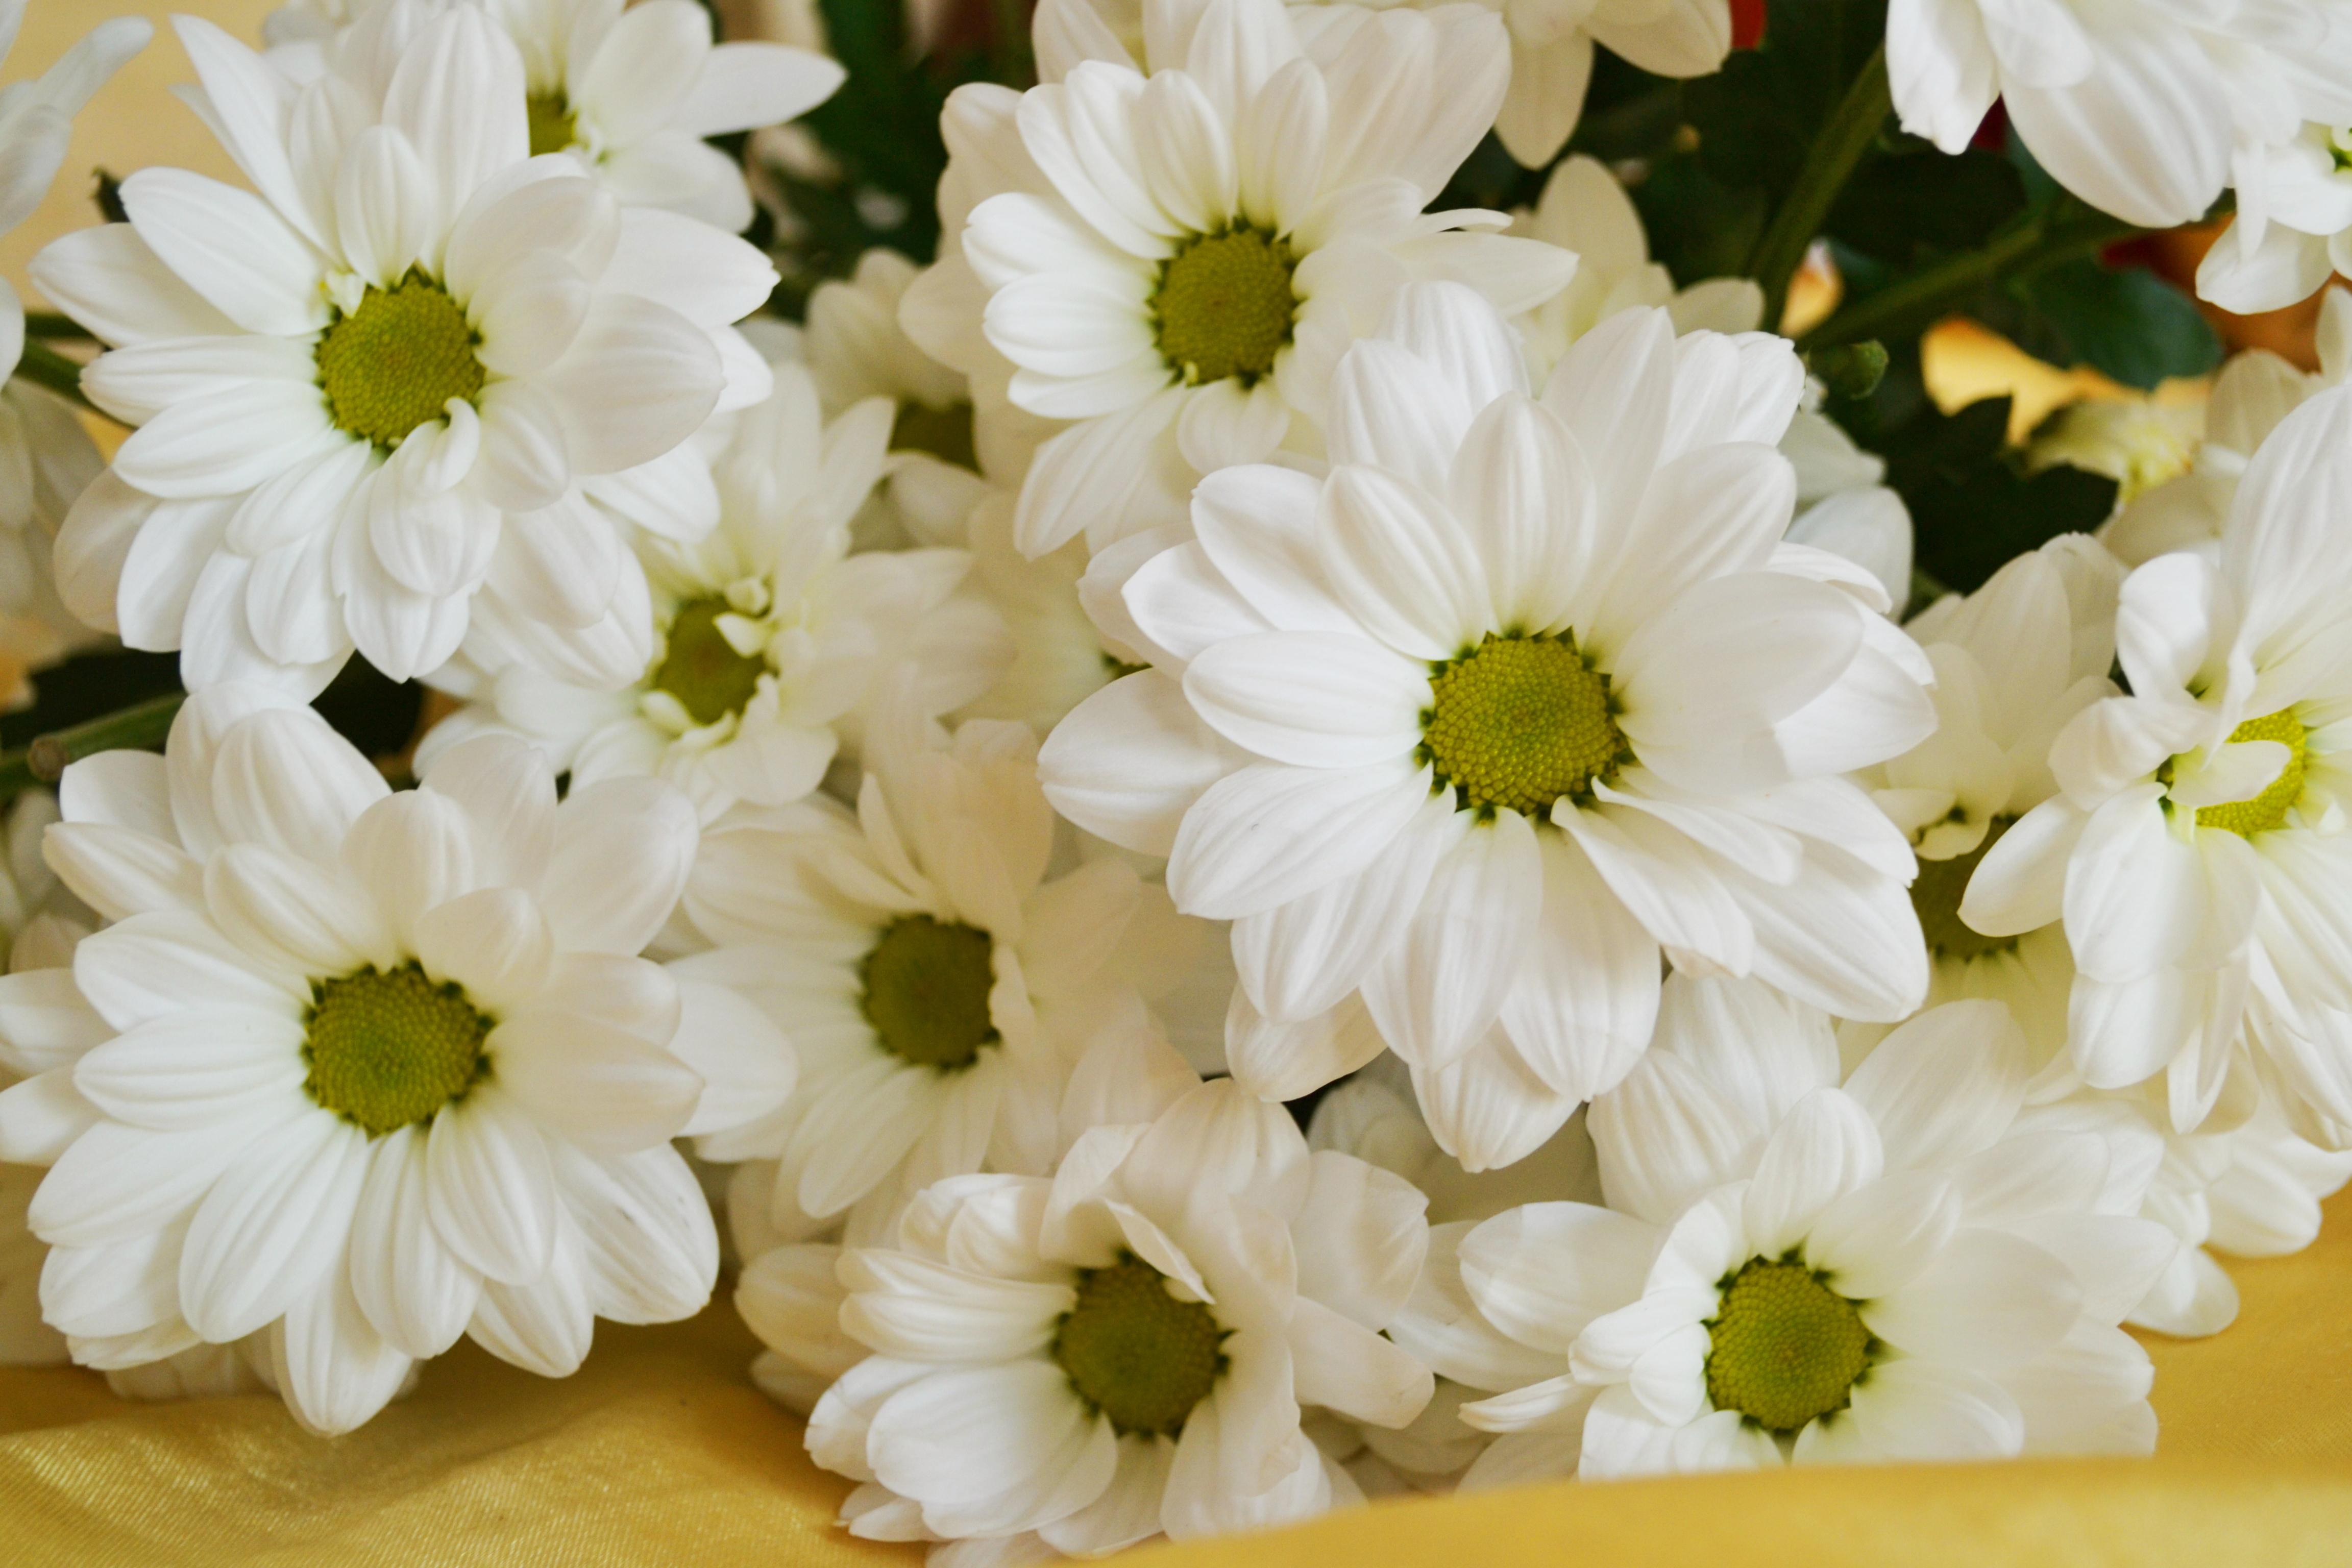 ромашка цветы фокус  № 1096455 загрузить